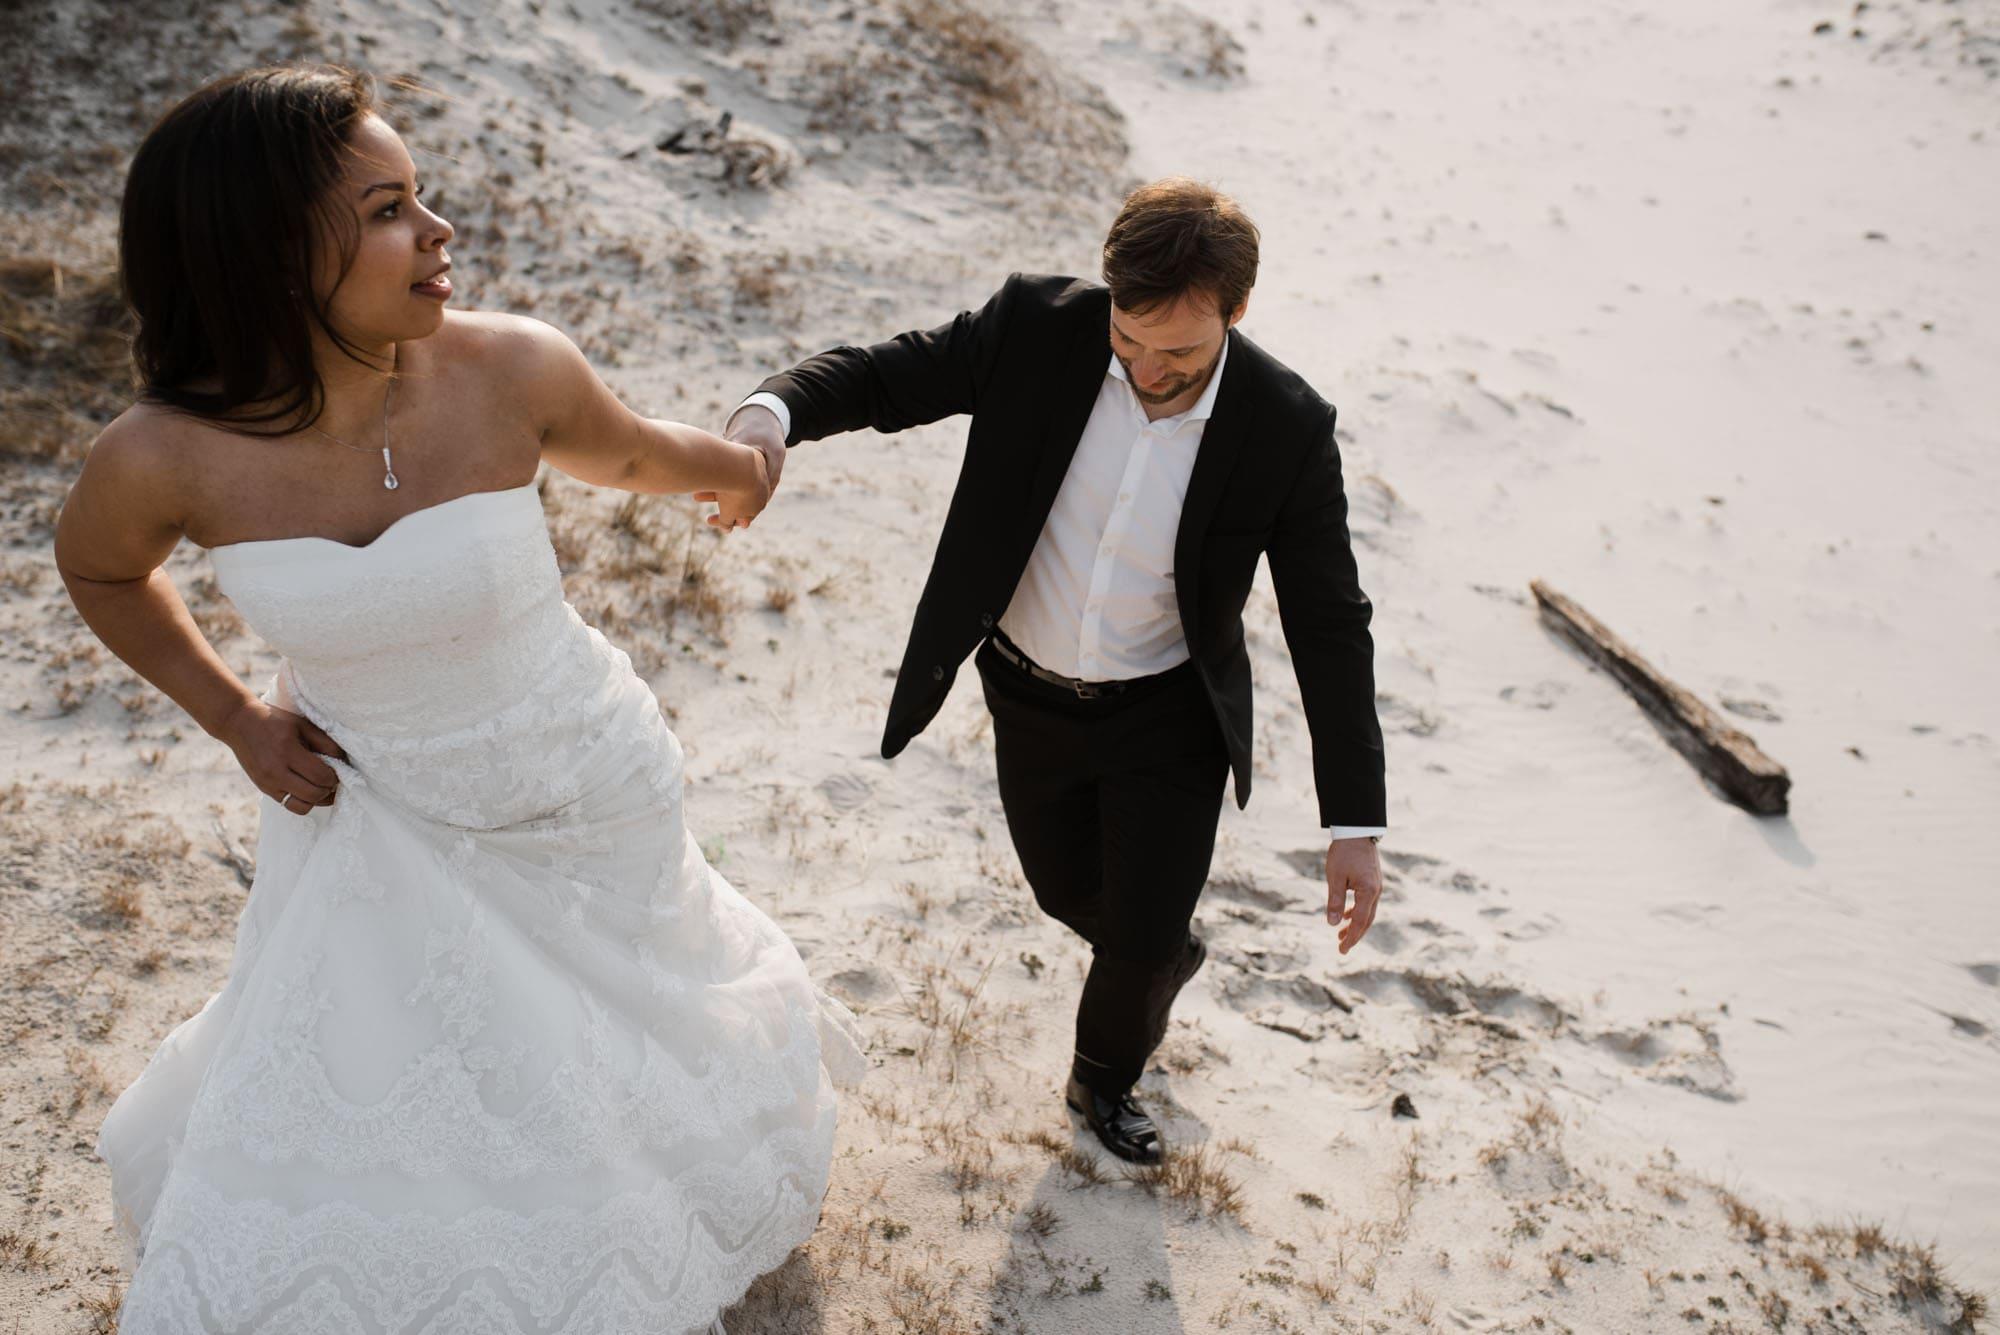 Sankt-Peter-Ording- Hochzeitsbilder- Brautpaar geht Hand in Hand den Dünenweg entlang.